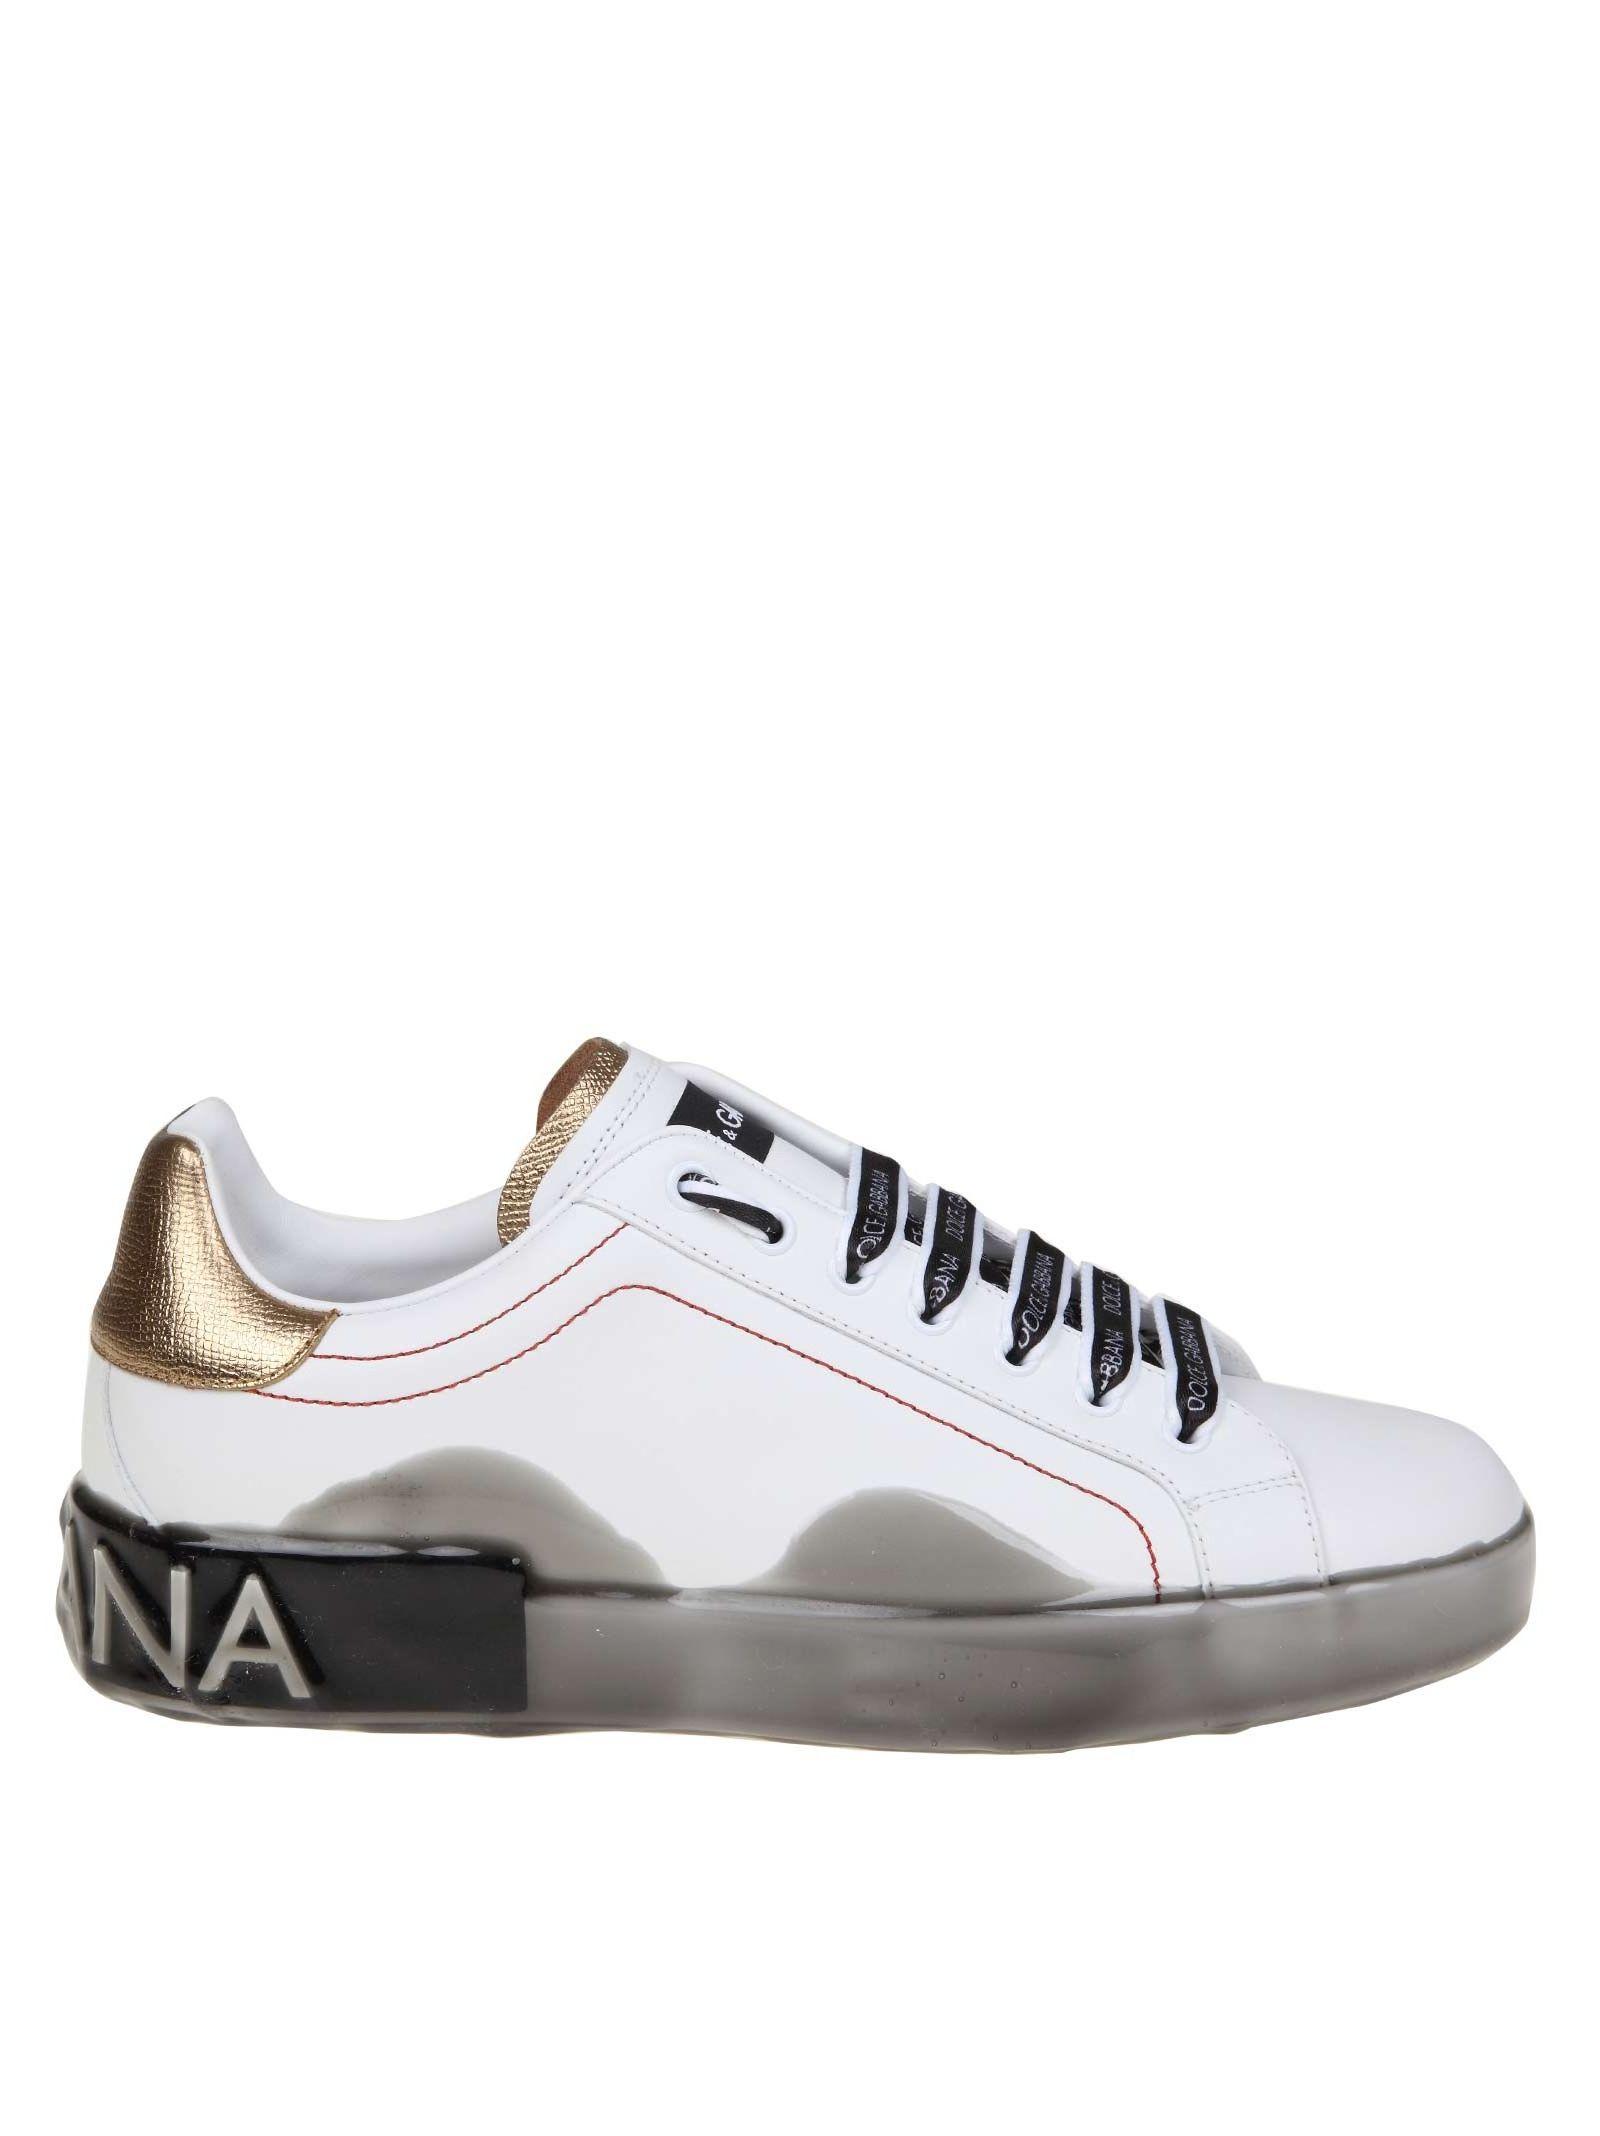 Dolce & Gabbana Portofino Sneakers In White Leather